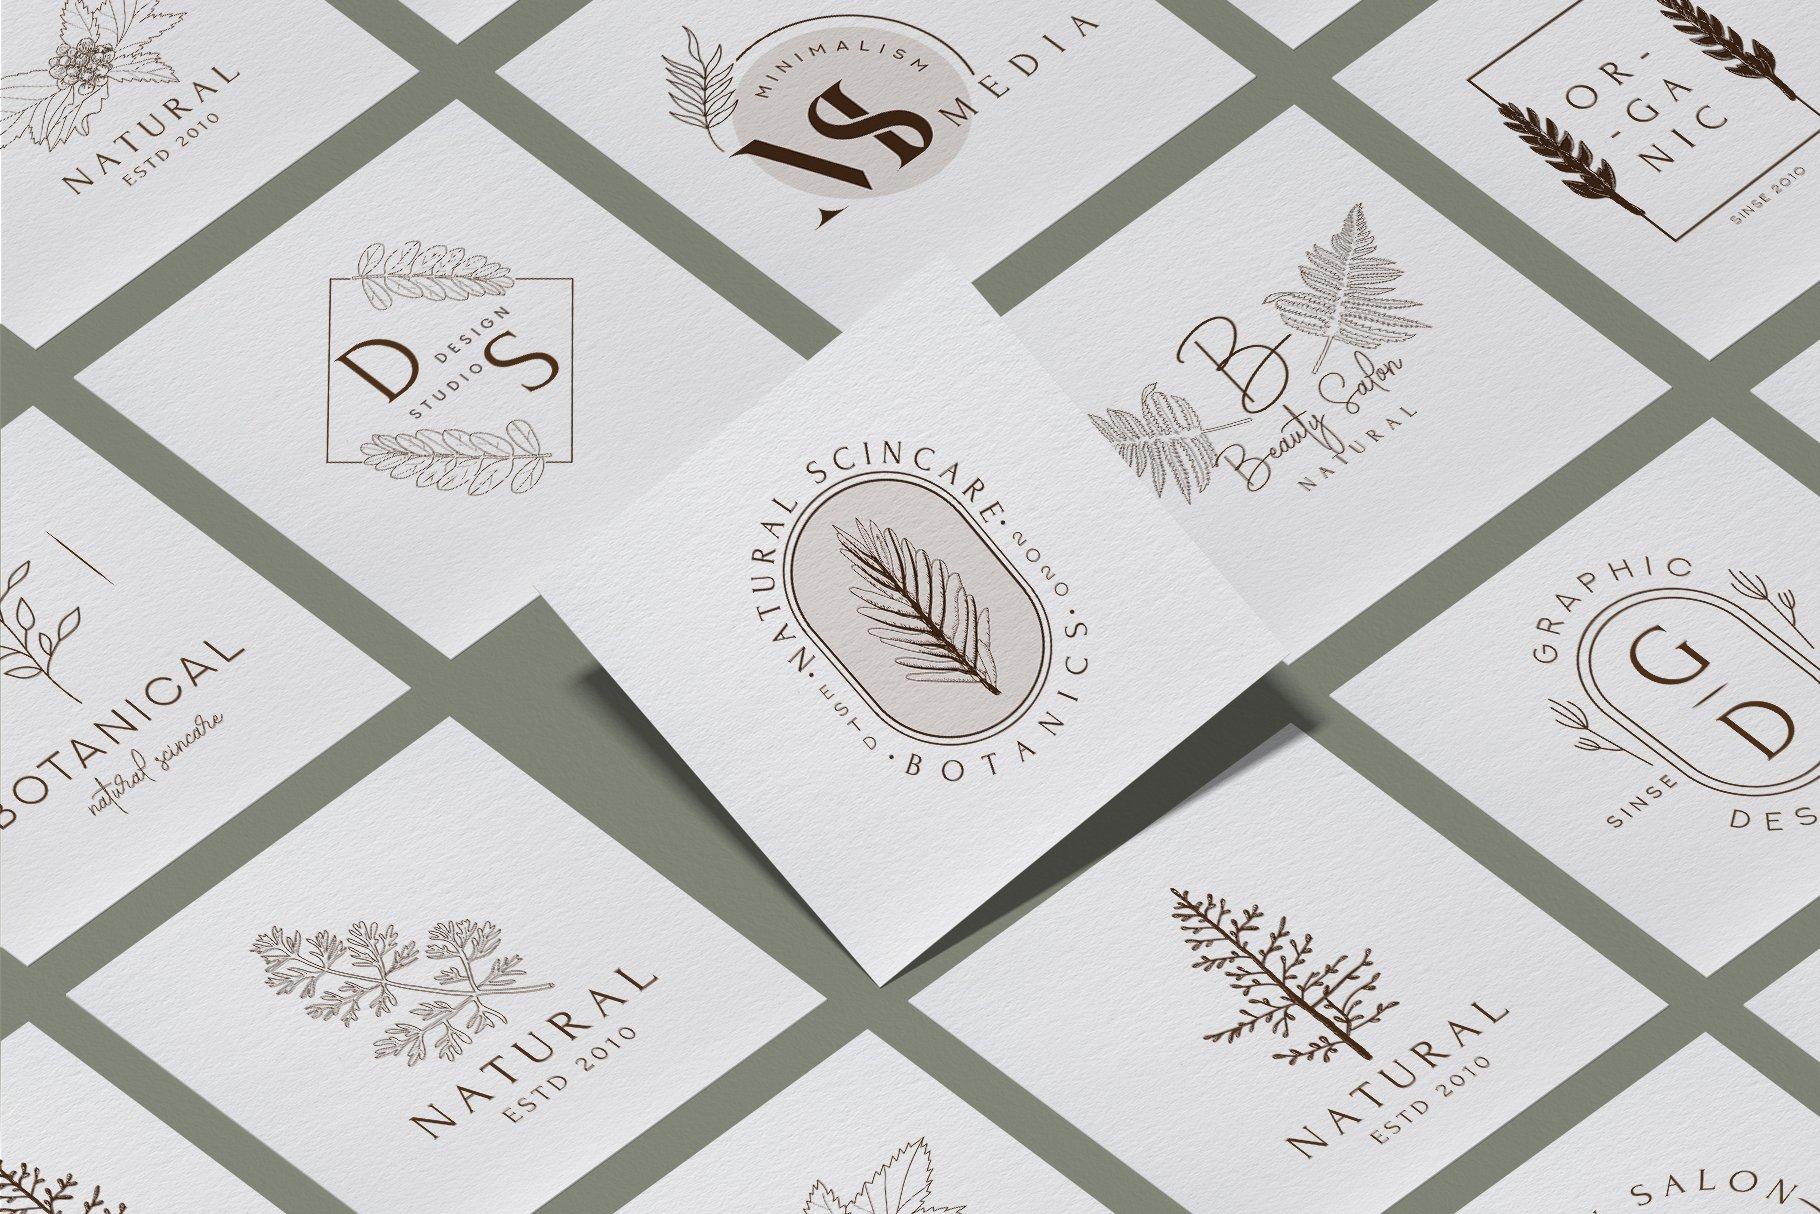 精美植物徽标标志设计AI矢量模板素材 BotanicalLogos & Illustrations插图(5)